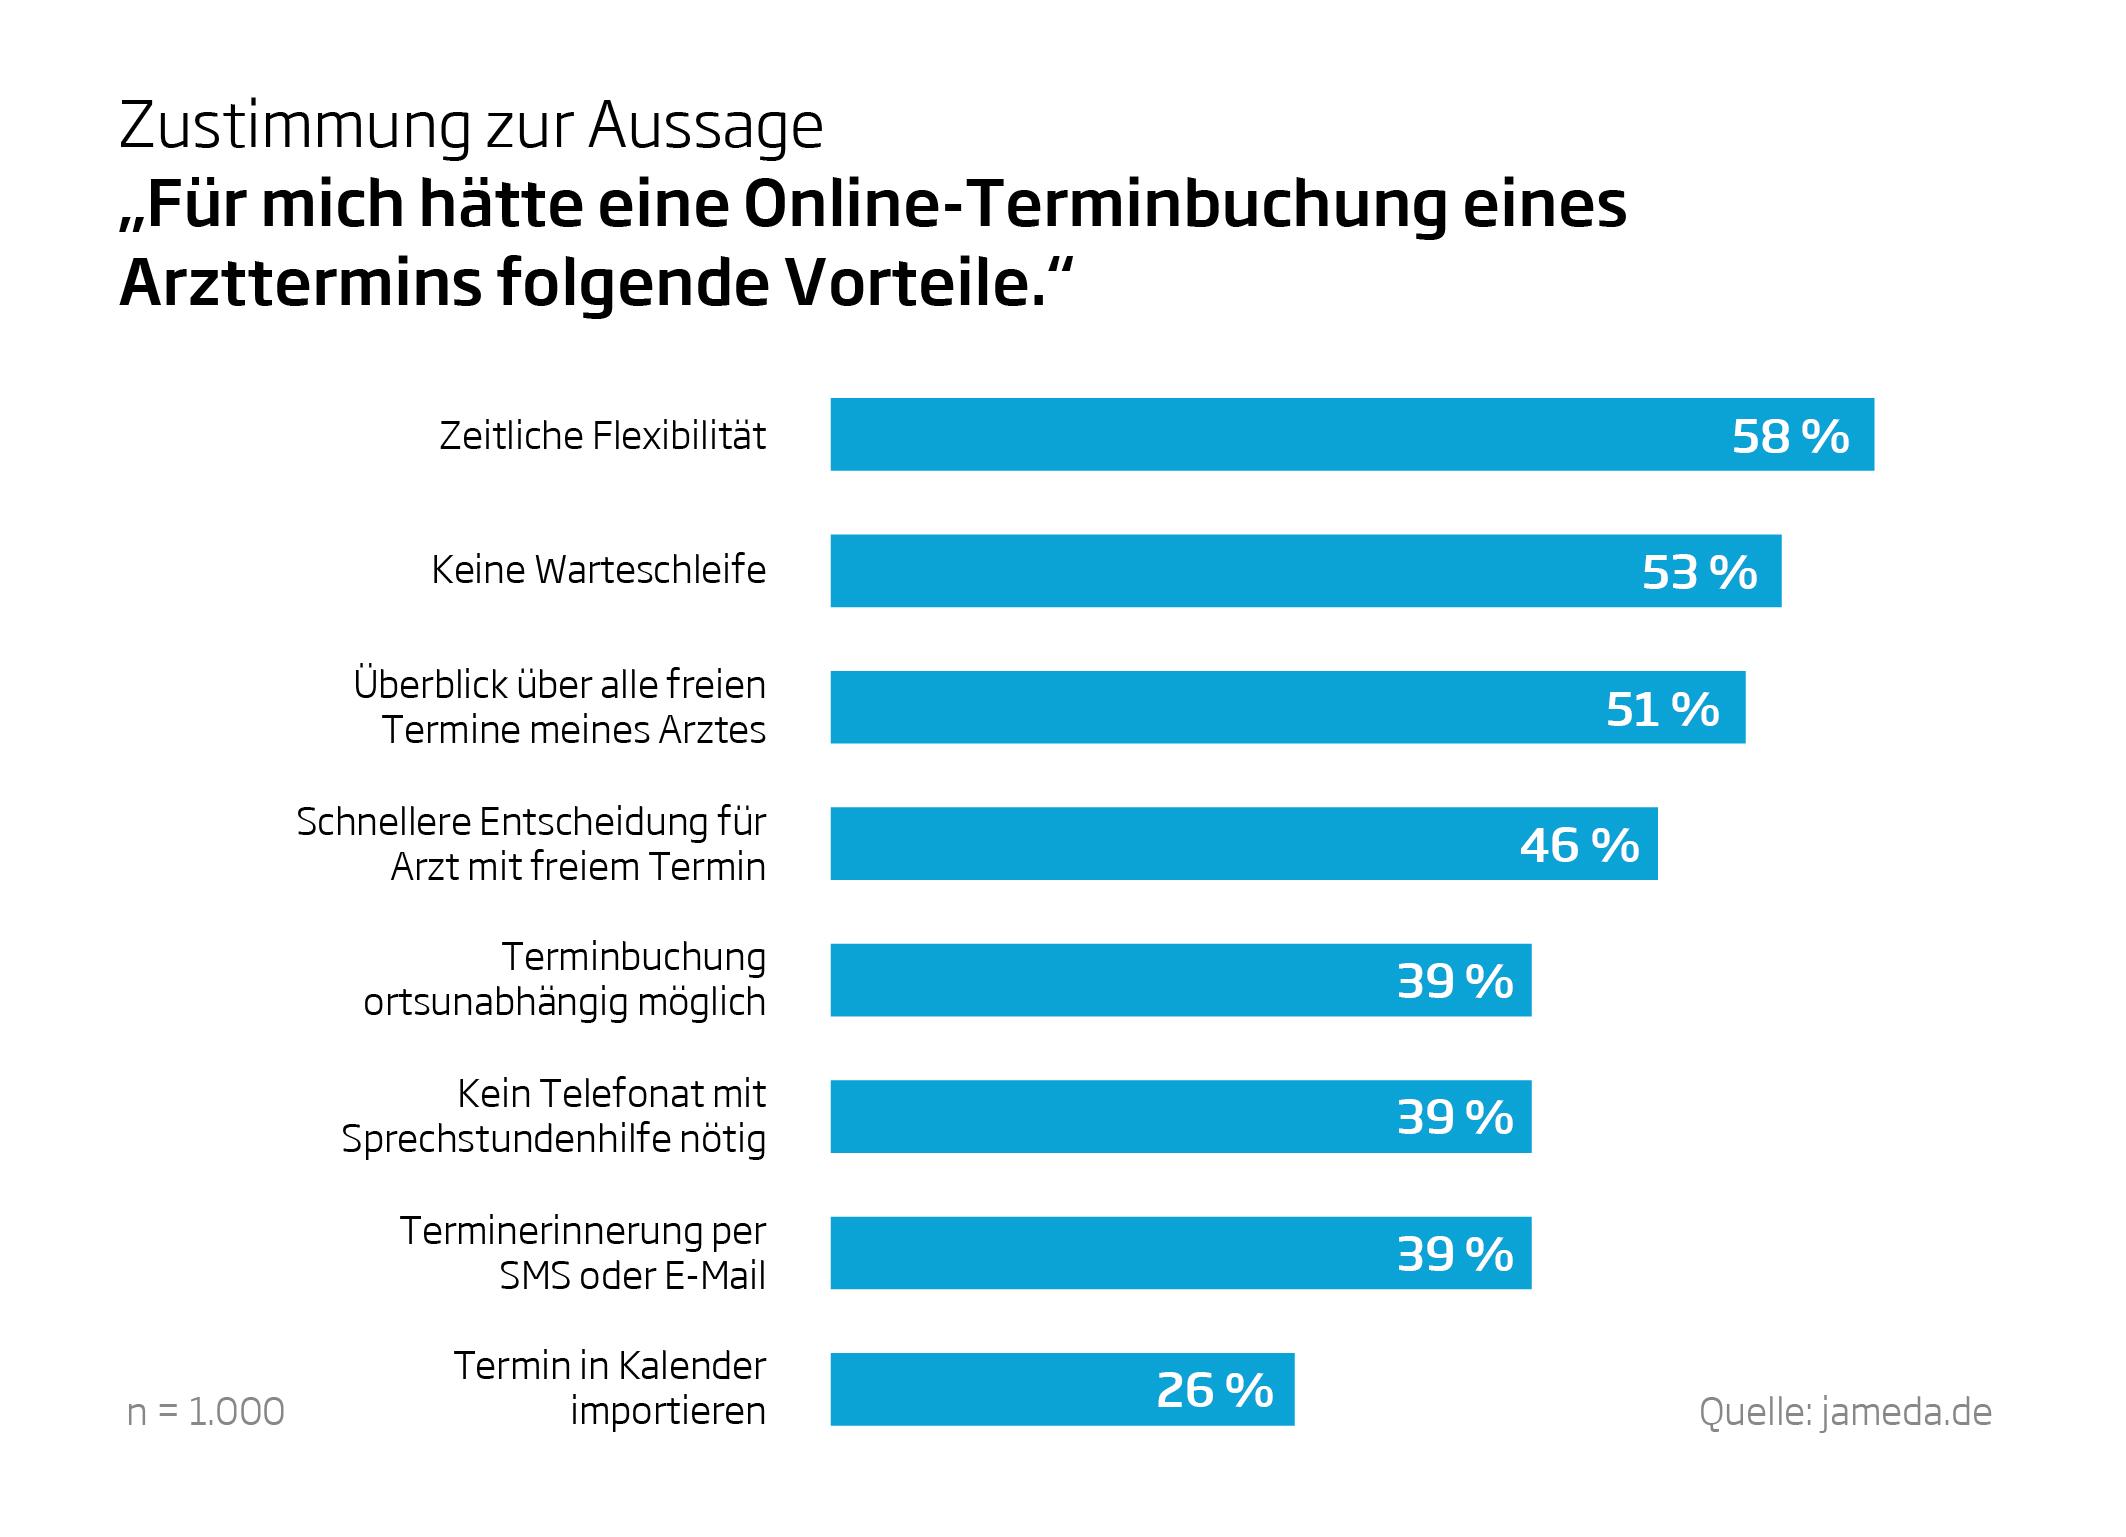 https://www.pharma-relations.de/news/patienten-moechten-arzttermine-online-buchen/image